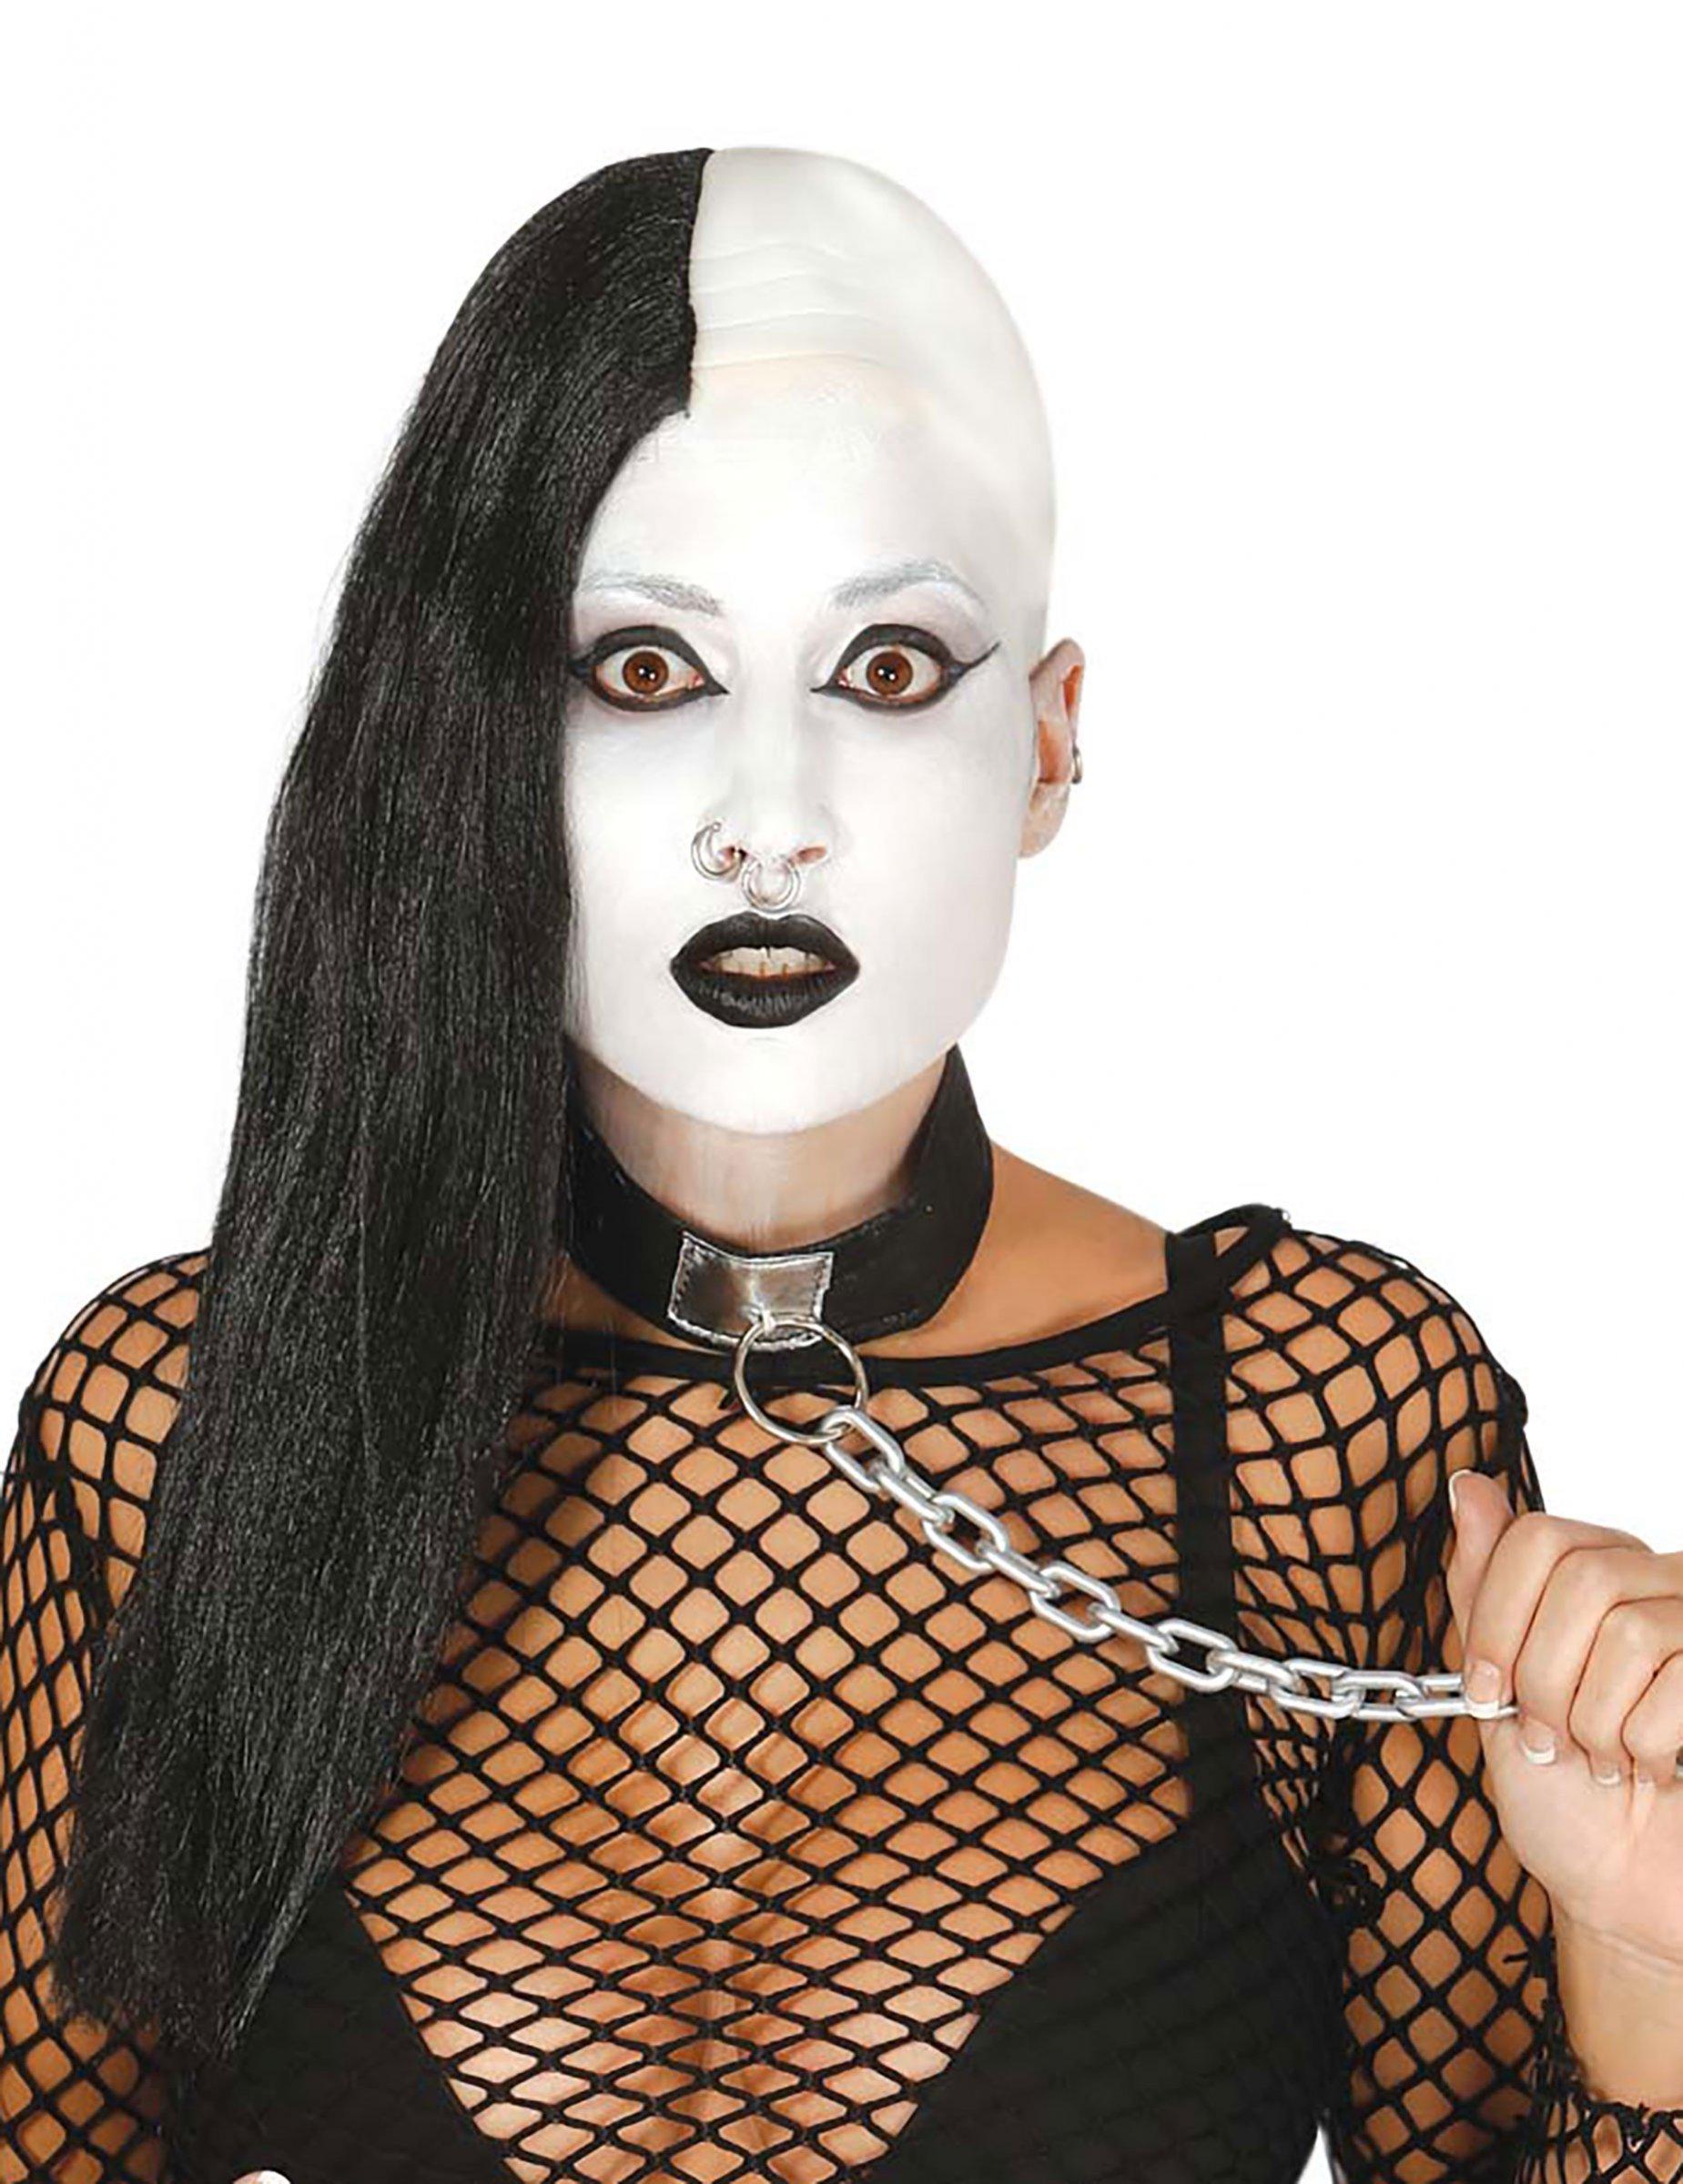 Perruque punk rasée noire adulte   Deguise-toi, achat de Perruques e63caf7f95e3